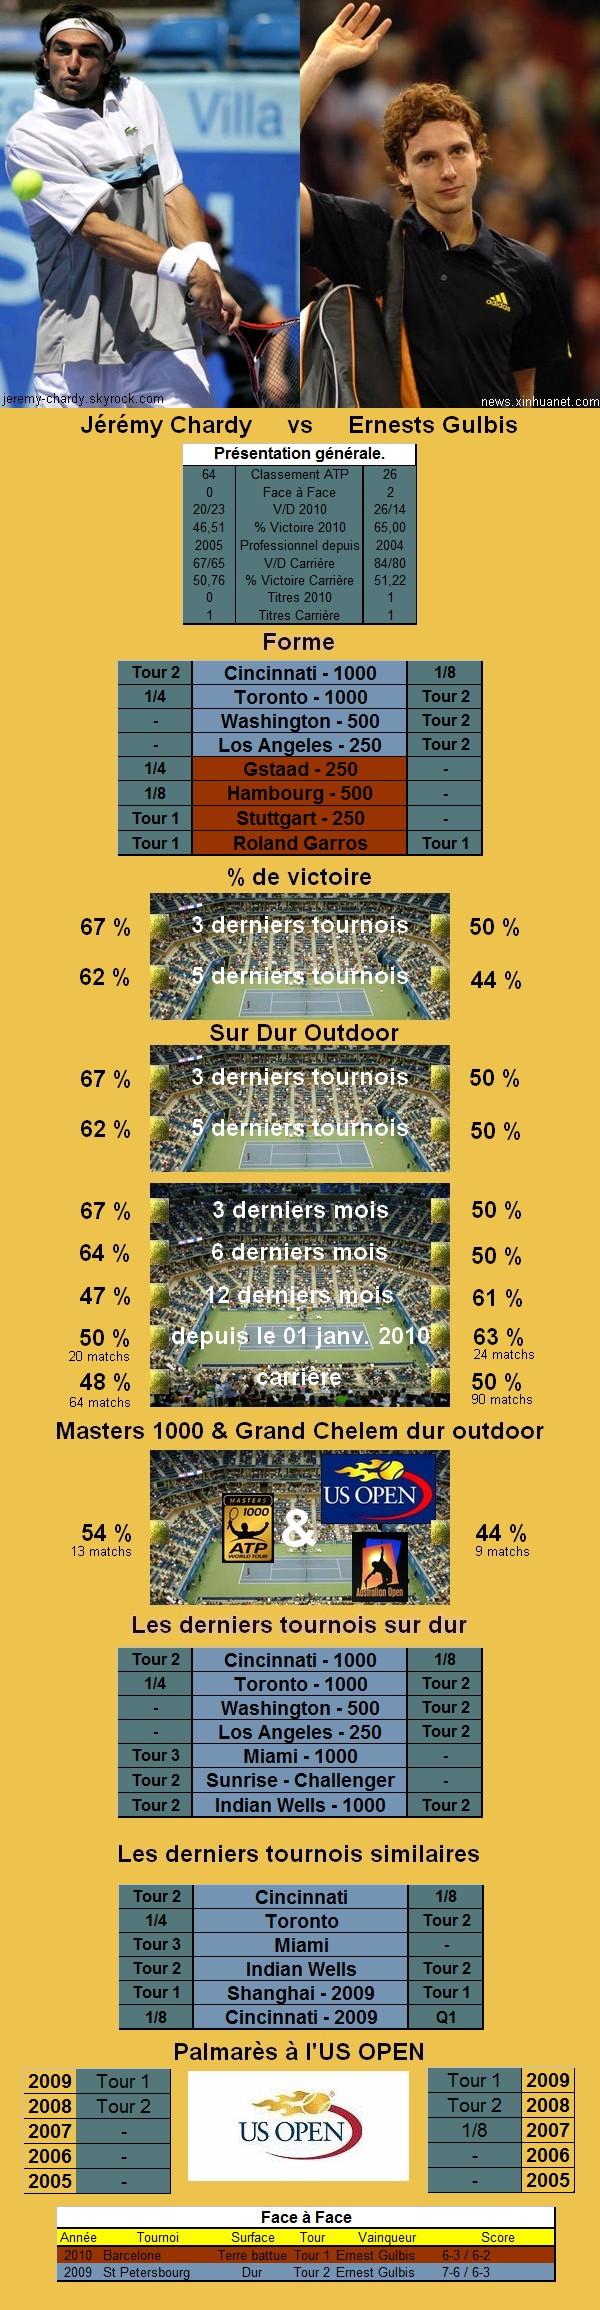 Statistiques tennis de Chardy contre Gulbis à l'US OPEN